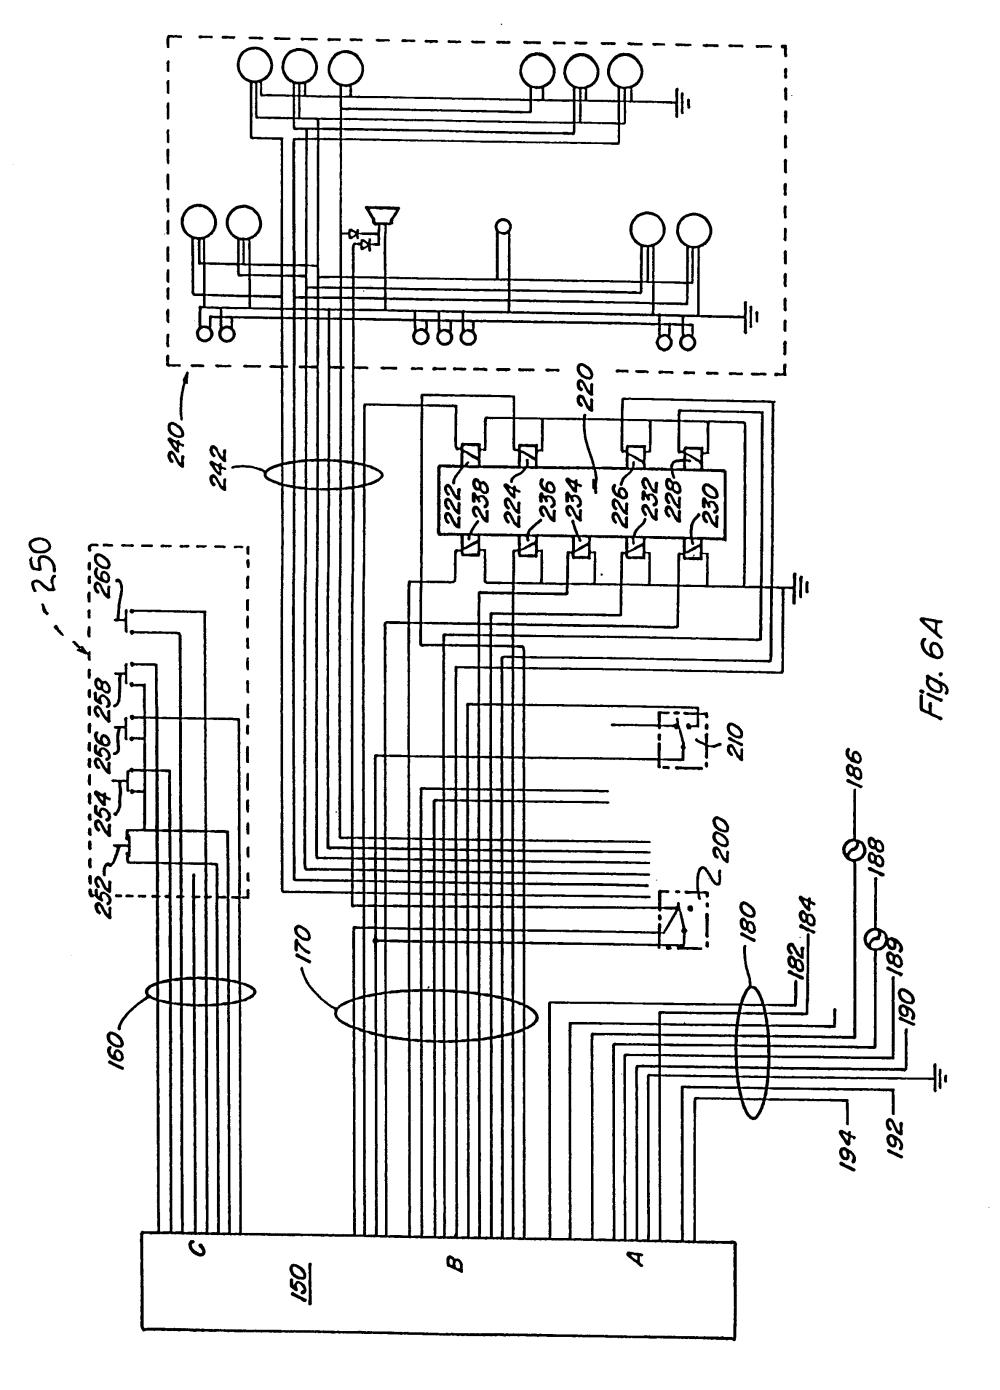 medium resolution of mcneilus wiring schematic rear packer home wiring diagram mcneilus wiring schematic